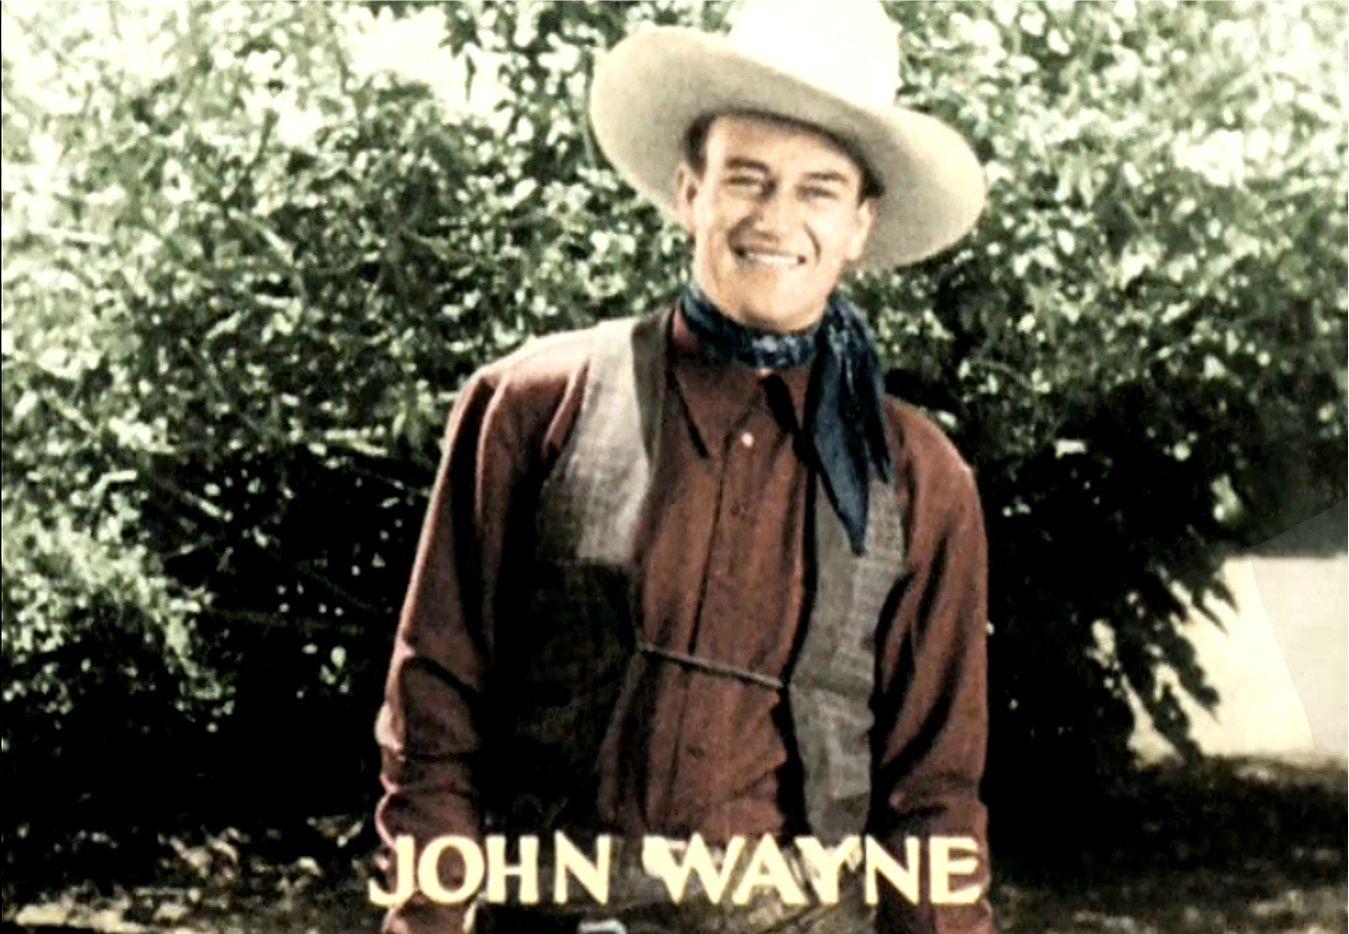 john wayne  u2026 iconic images    stagecoach run    1936